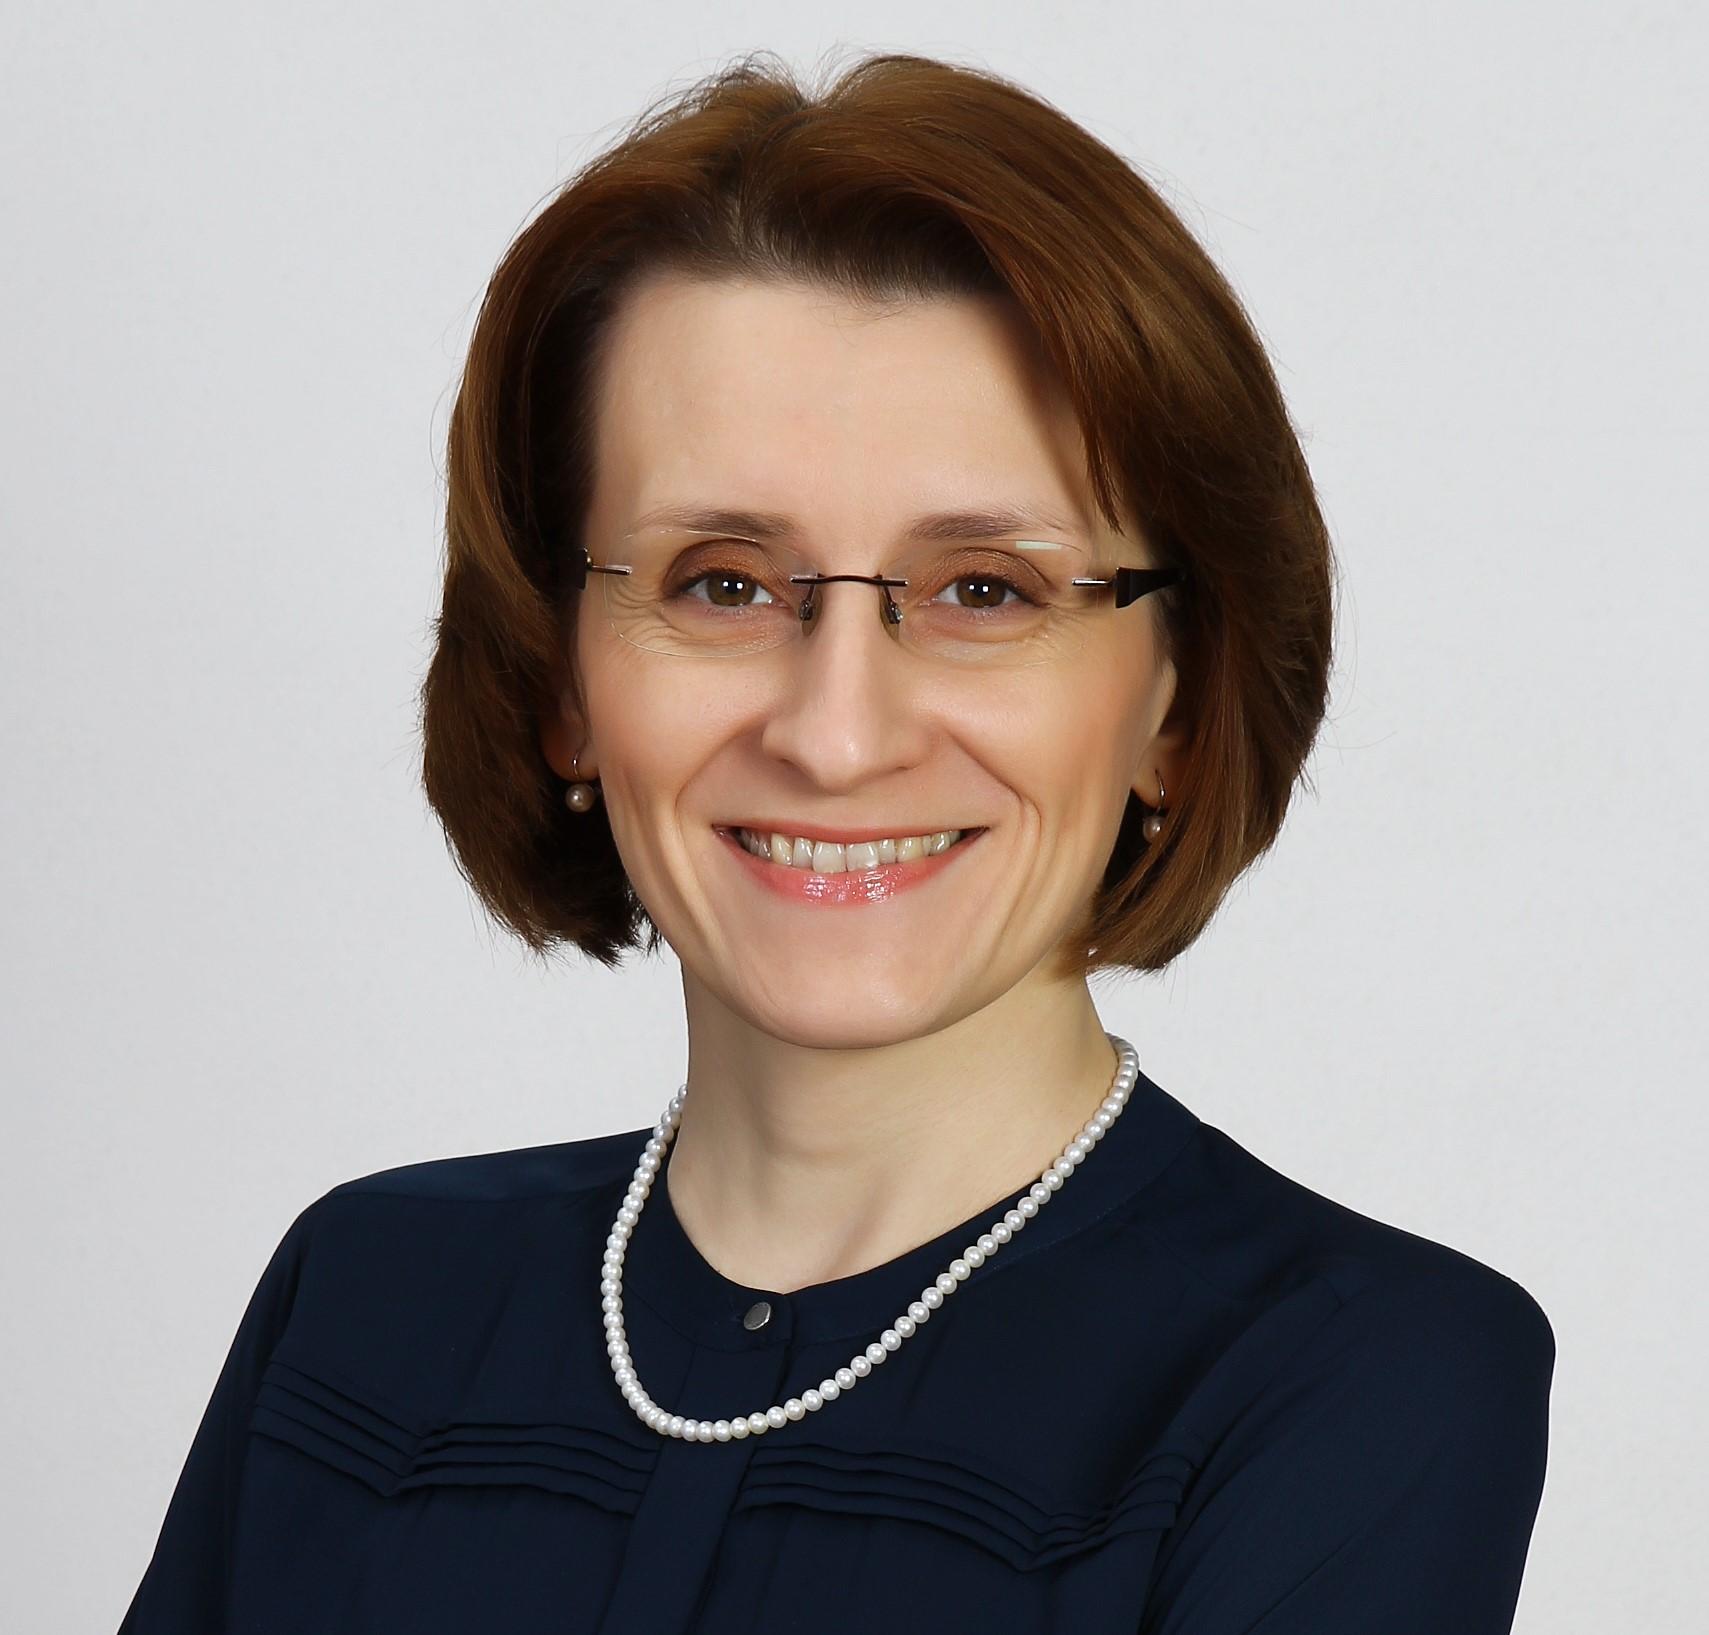 Mária Rusková